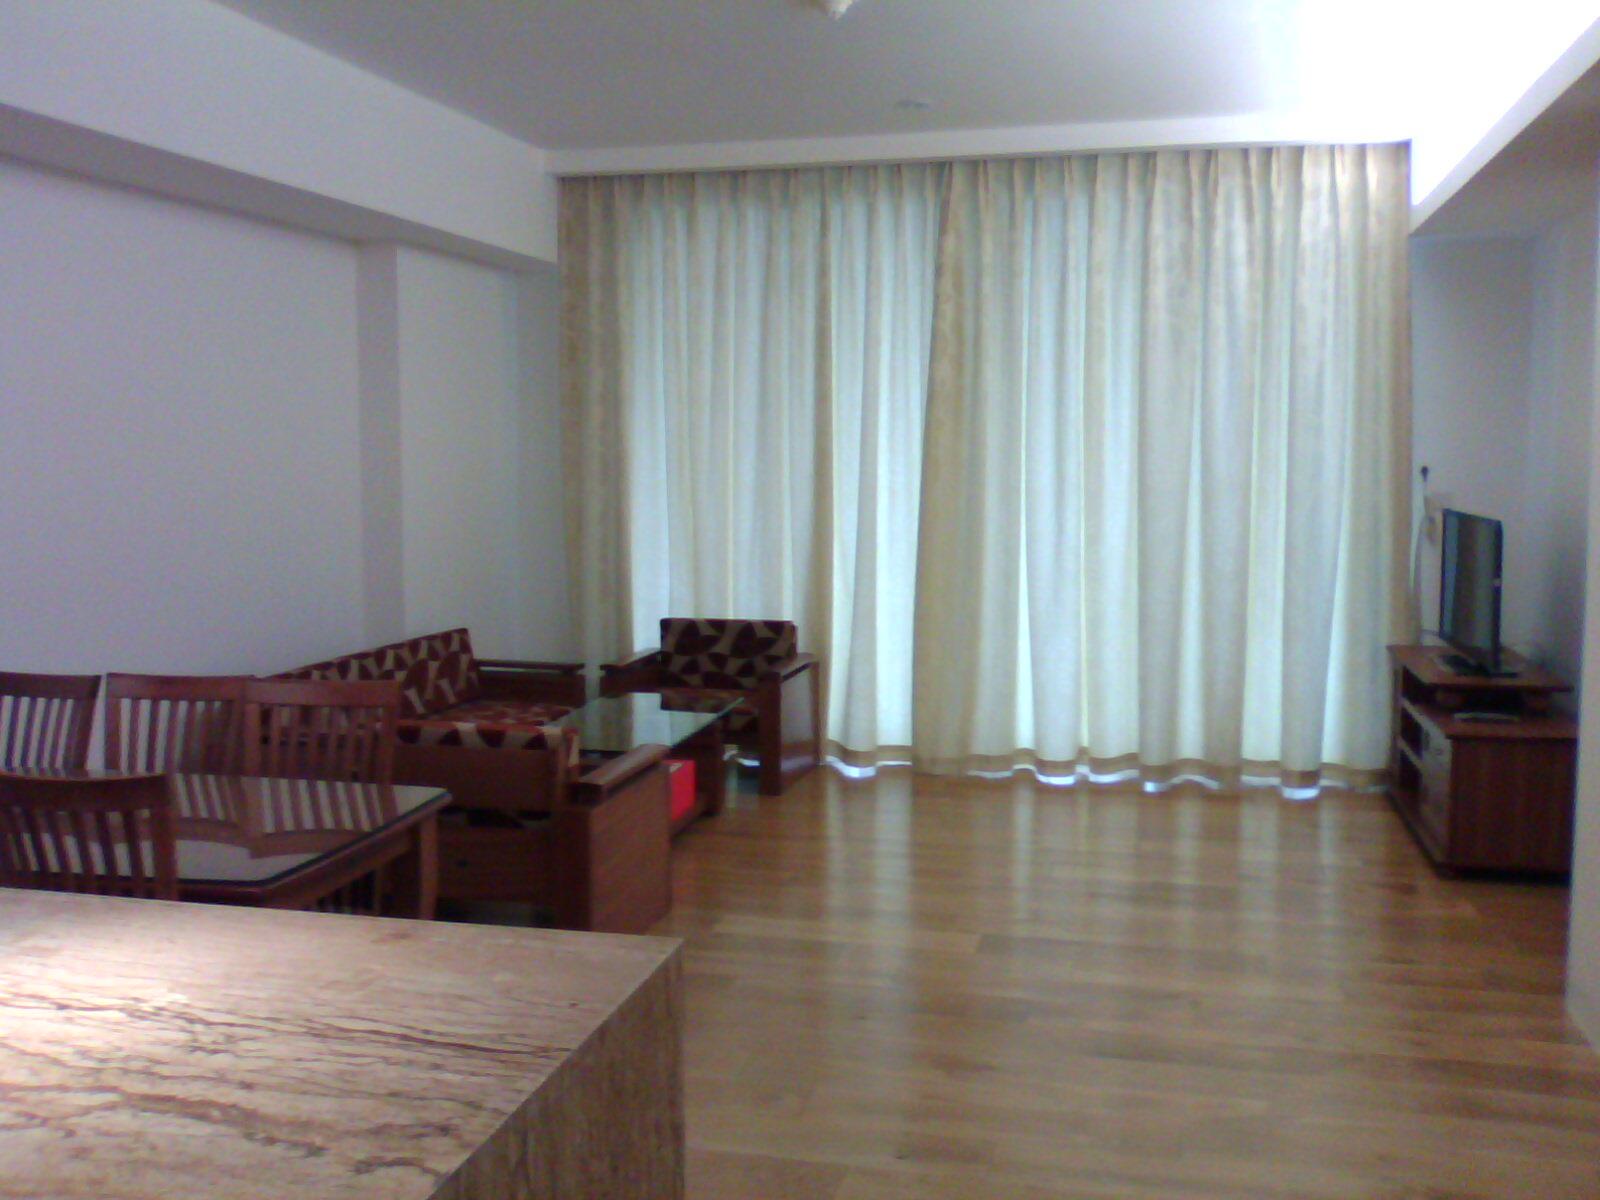 インドチナのマンション